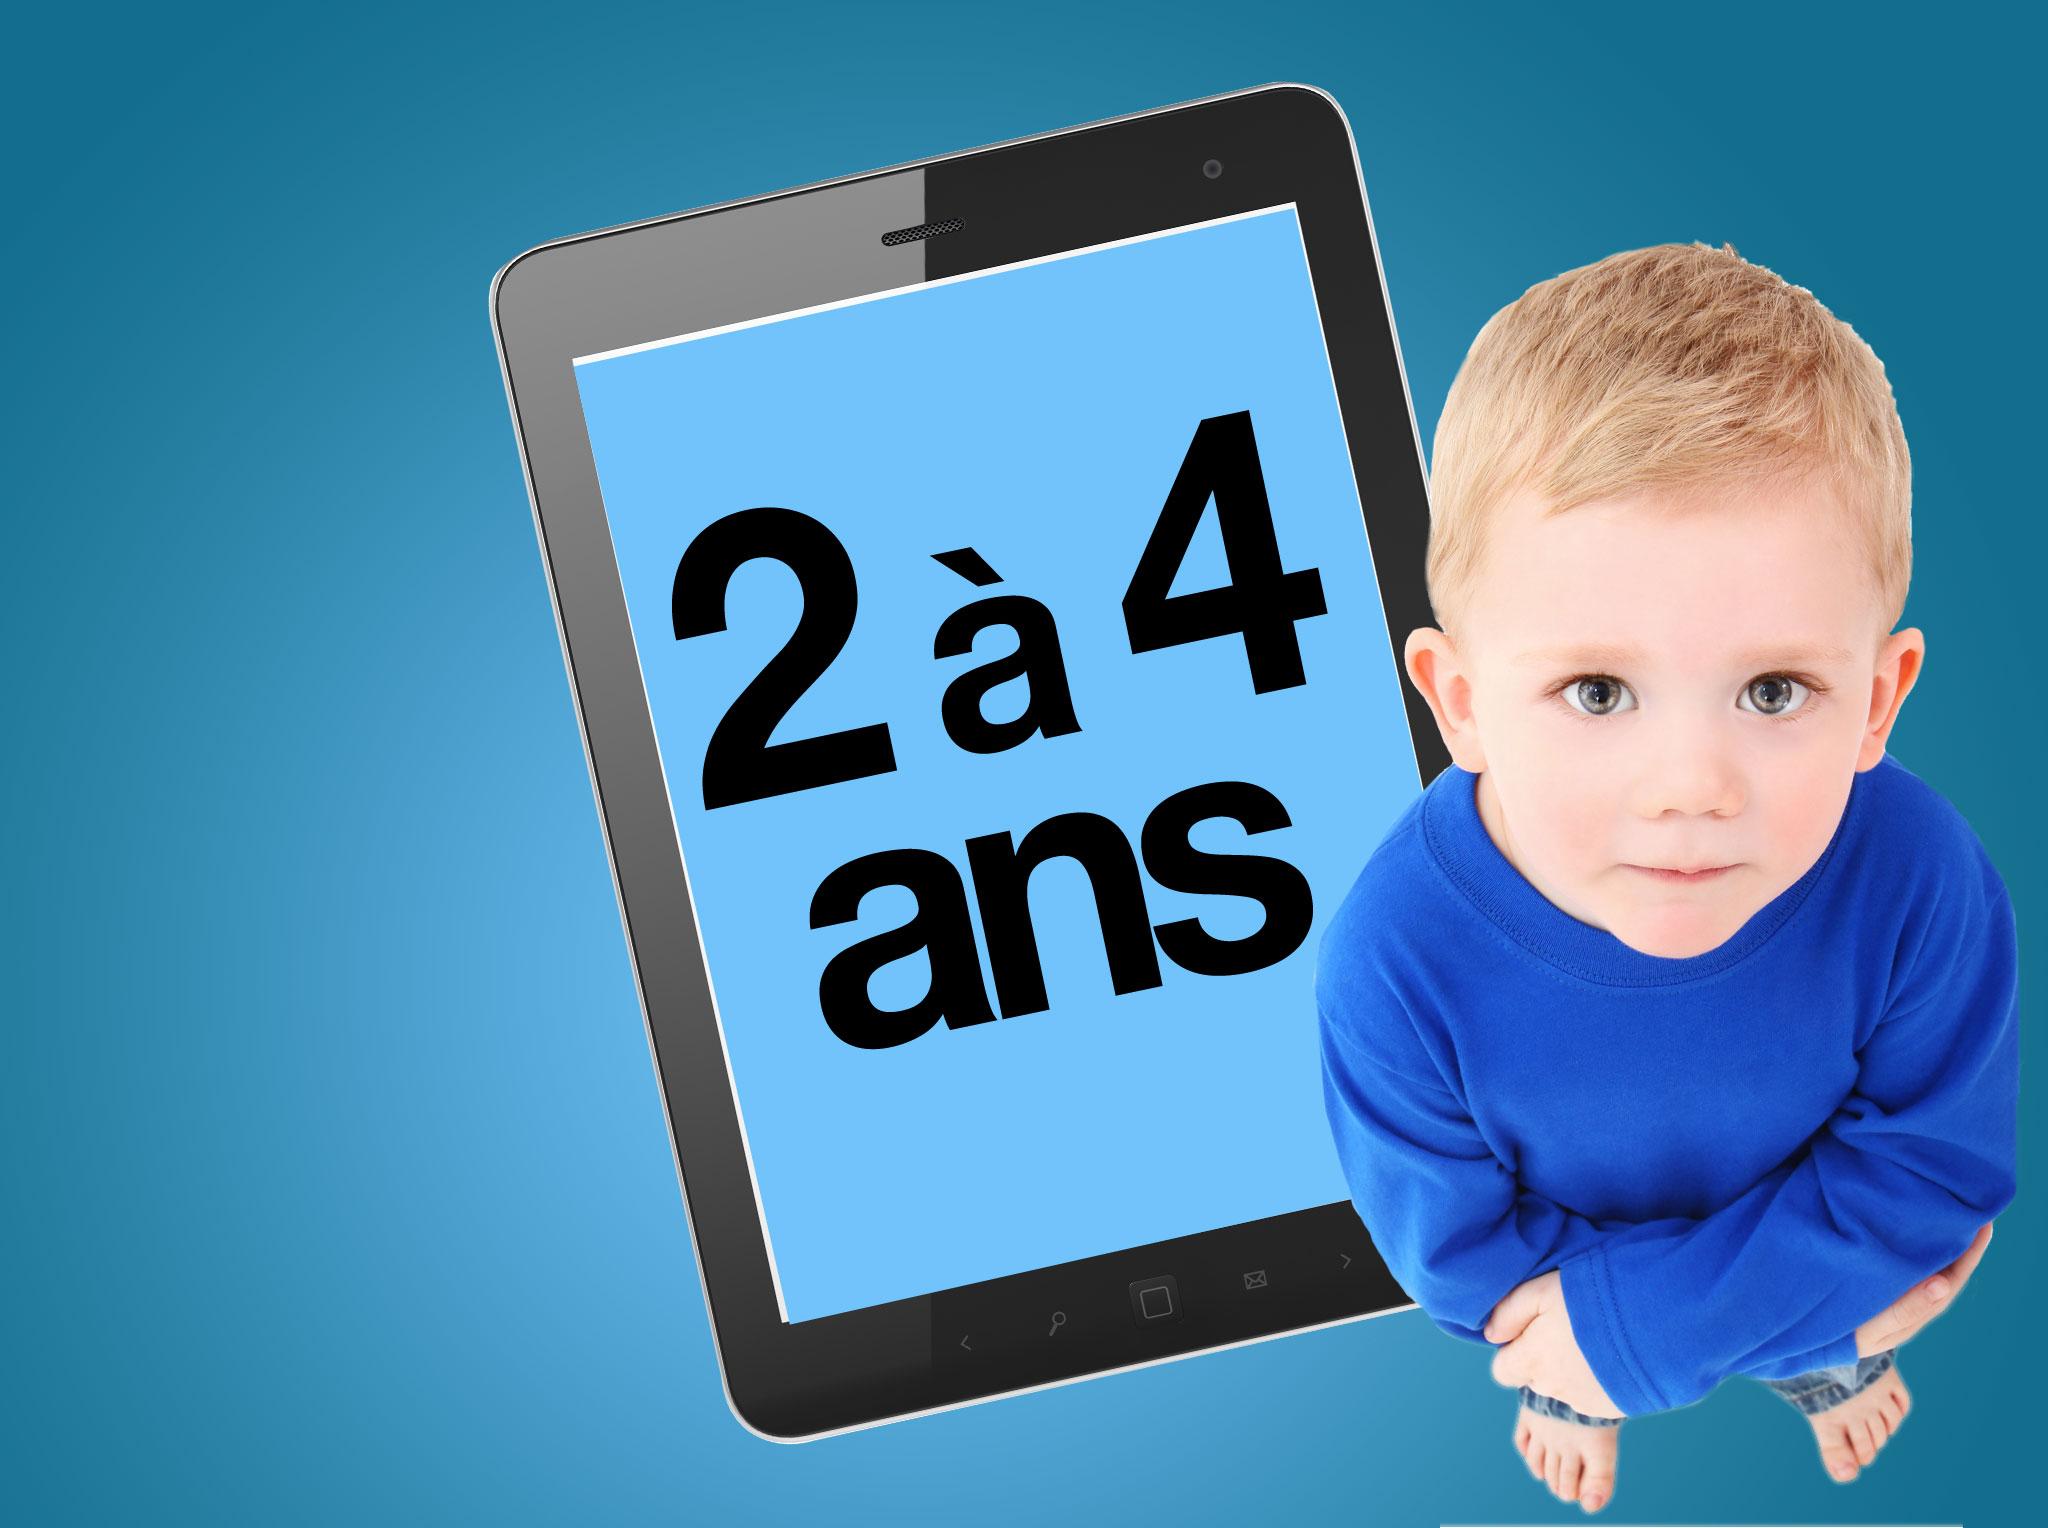 Jeux Sur Tablette: 64 Choix Pour Enfants | Protégez-Vous.ca destiné Jeux Gratuit Garcon 5 Ans